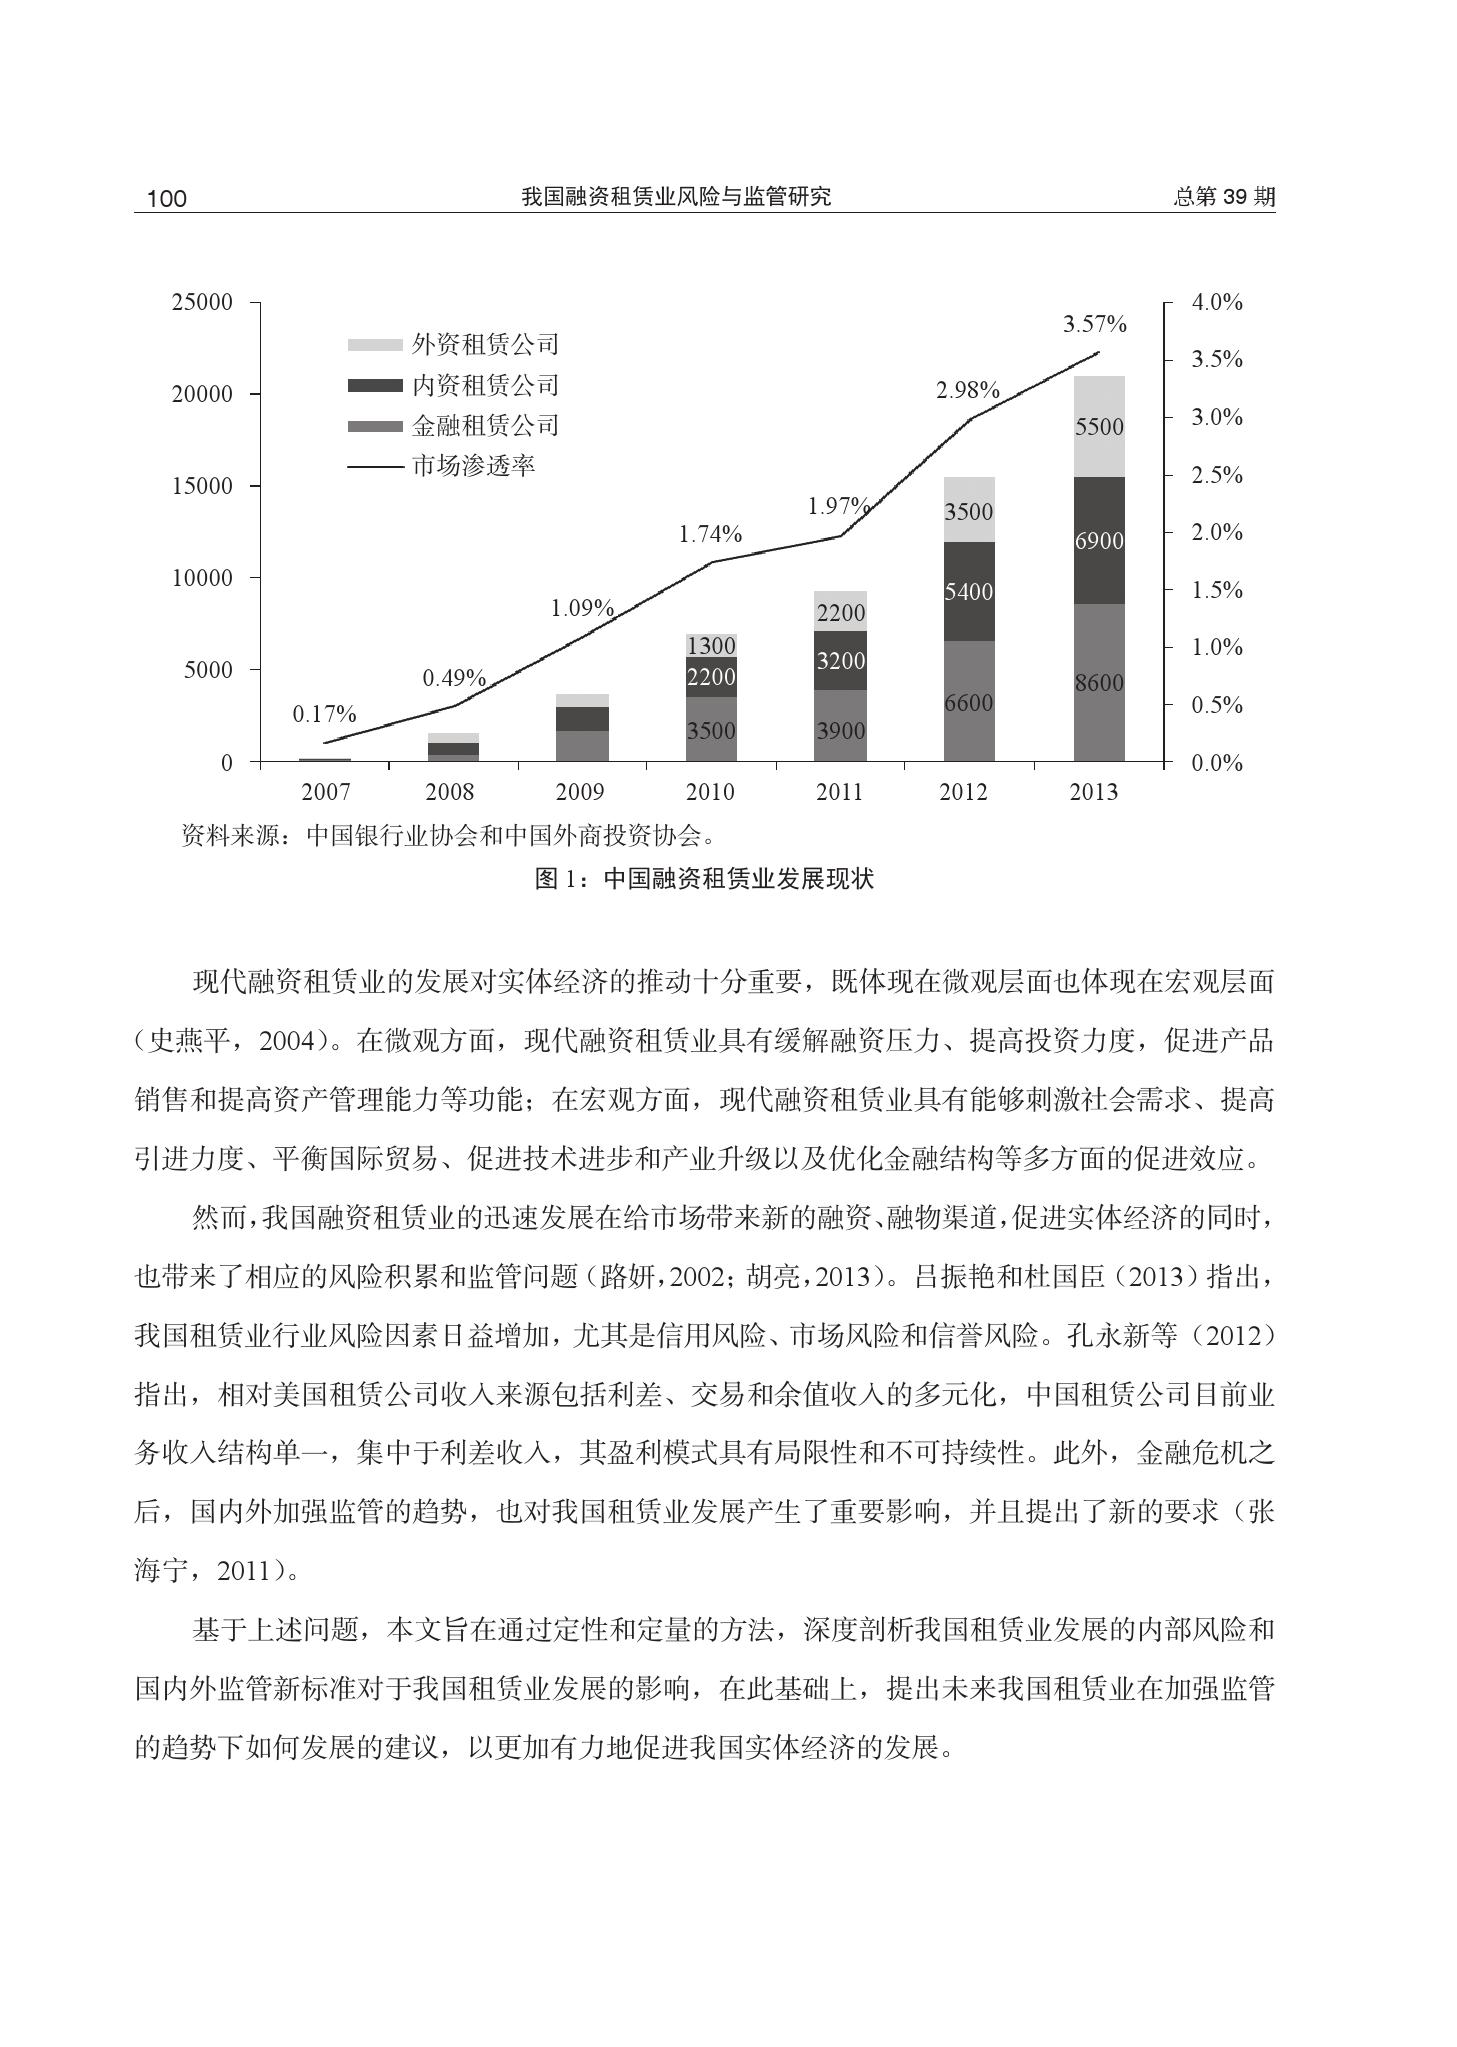 我国融资租赁业风险与监管研究_000002